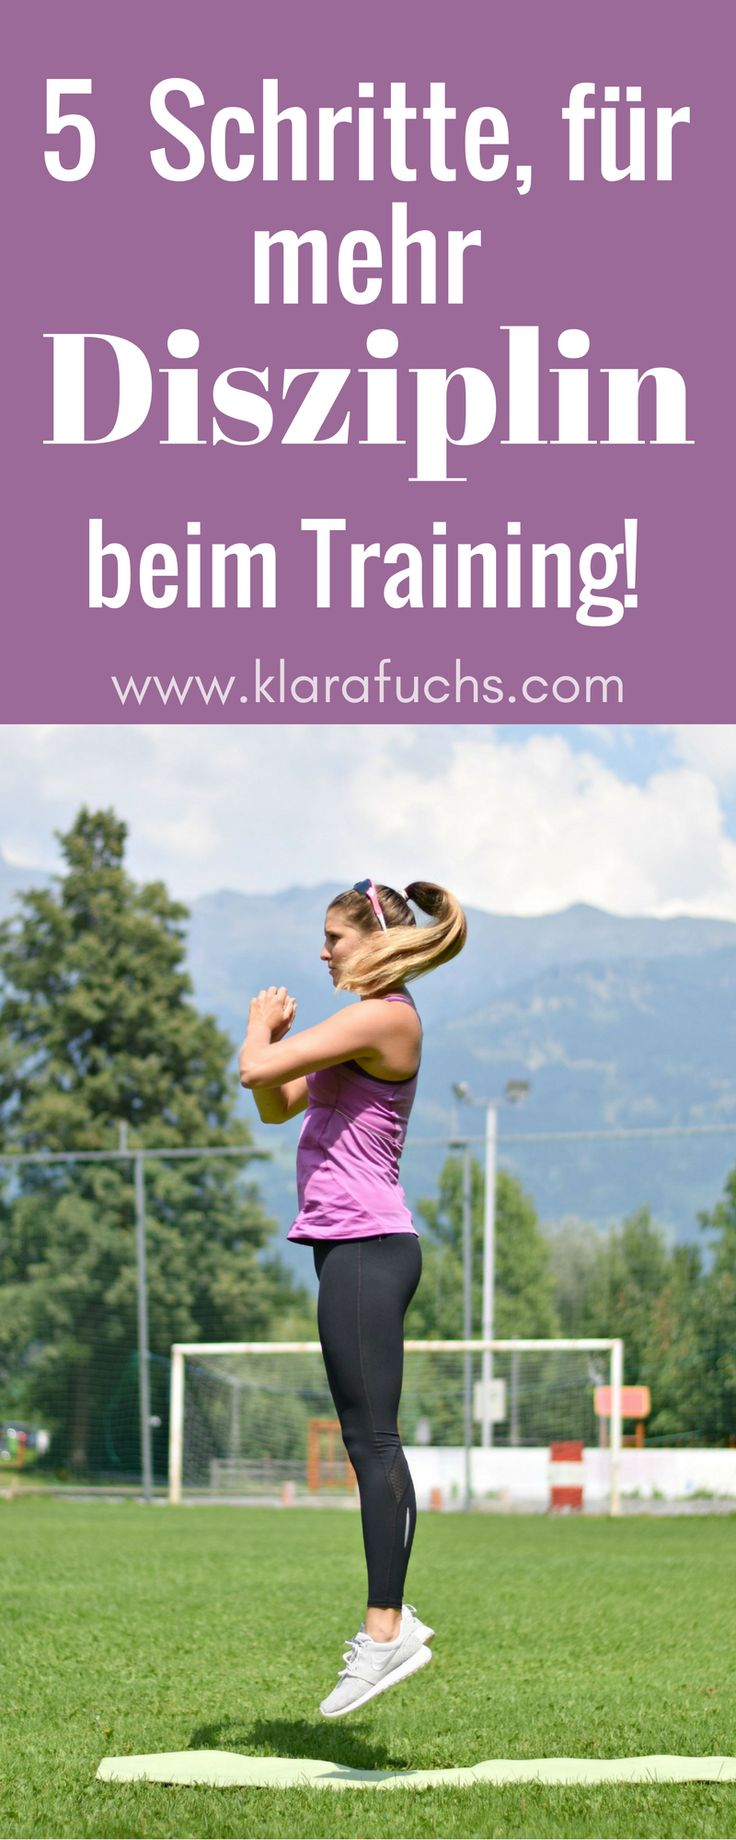 Mit diesen Tipps hältst du länger durch! 5 Schritte für mehr Disziplin und wie du Sport und Training zur Gewohnheit machst erfährst du hier. Tipps für mehr Disziplin beim Training bekommst du hier. Blog: www.klarafuchs.com